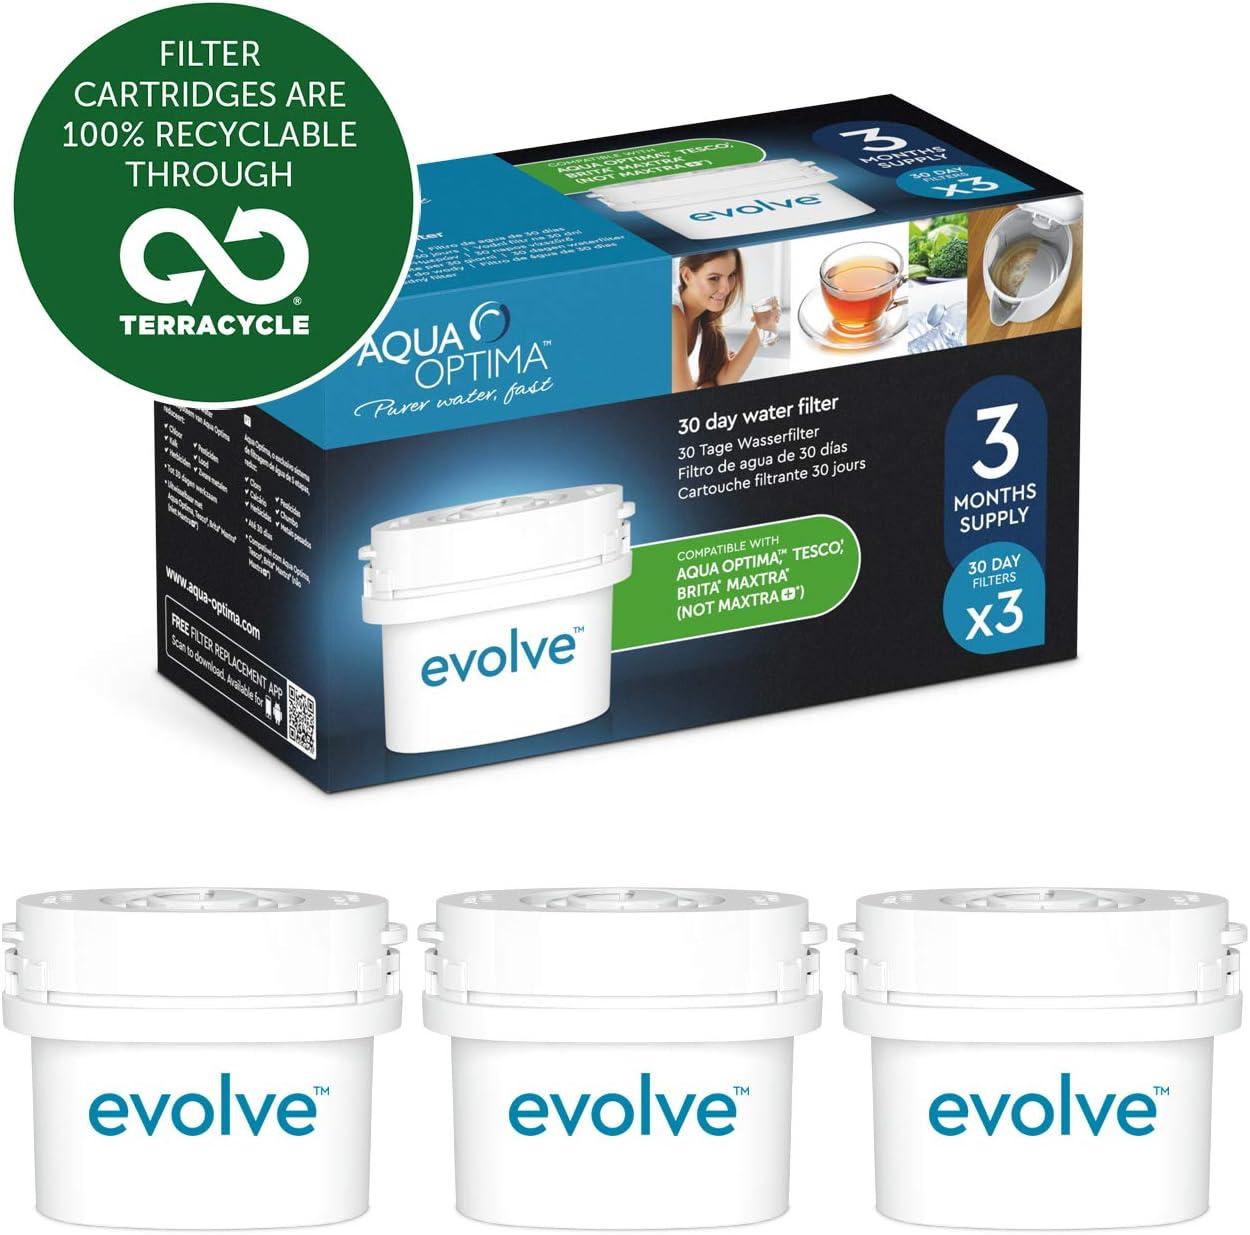 Aqua Optima EVS301 Evolve - paquete de 3 meses, filtros de agua de 3 x 30 días, Fit BRITA Maxtra (no * Maxtra +): Amazon.es: Hogar